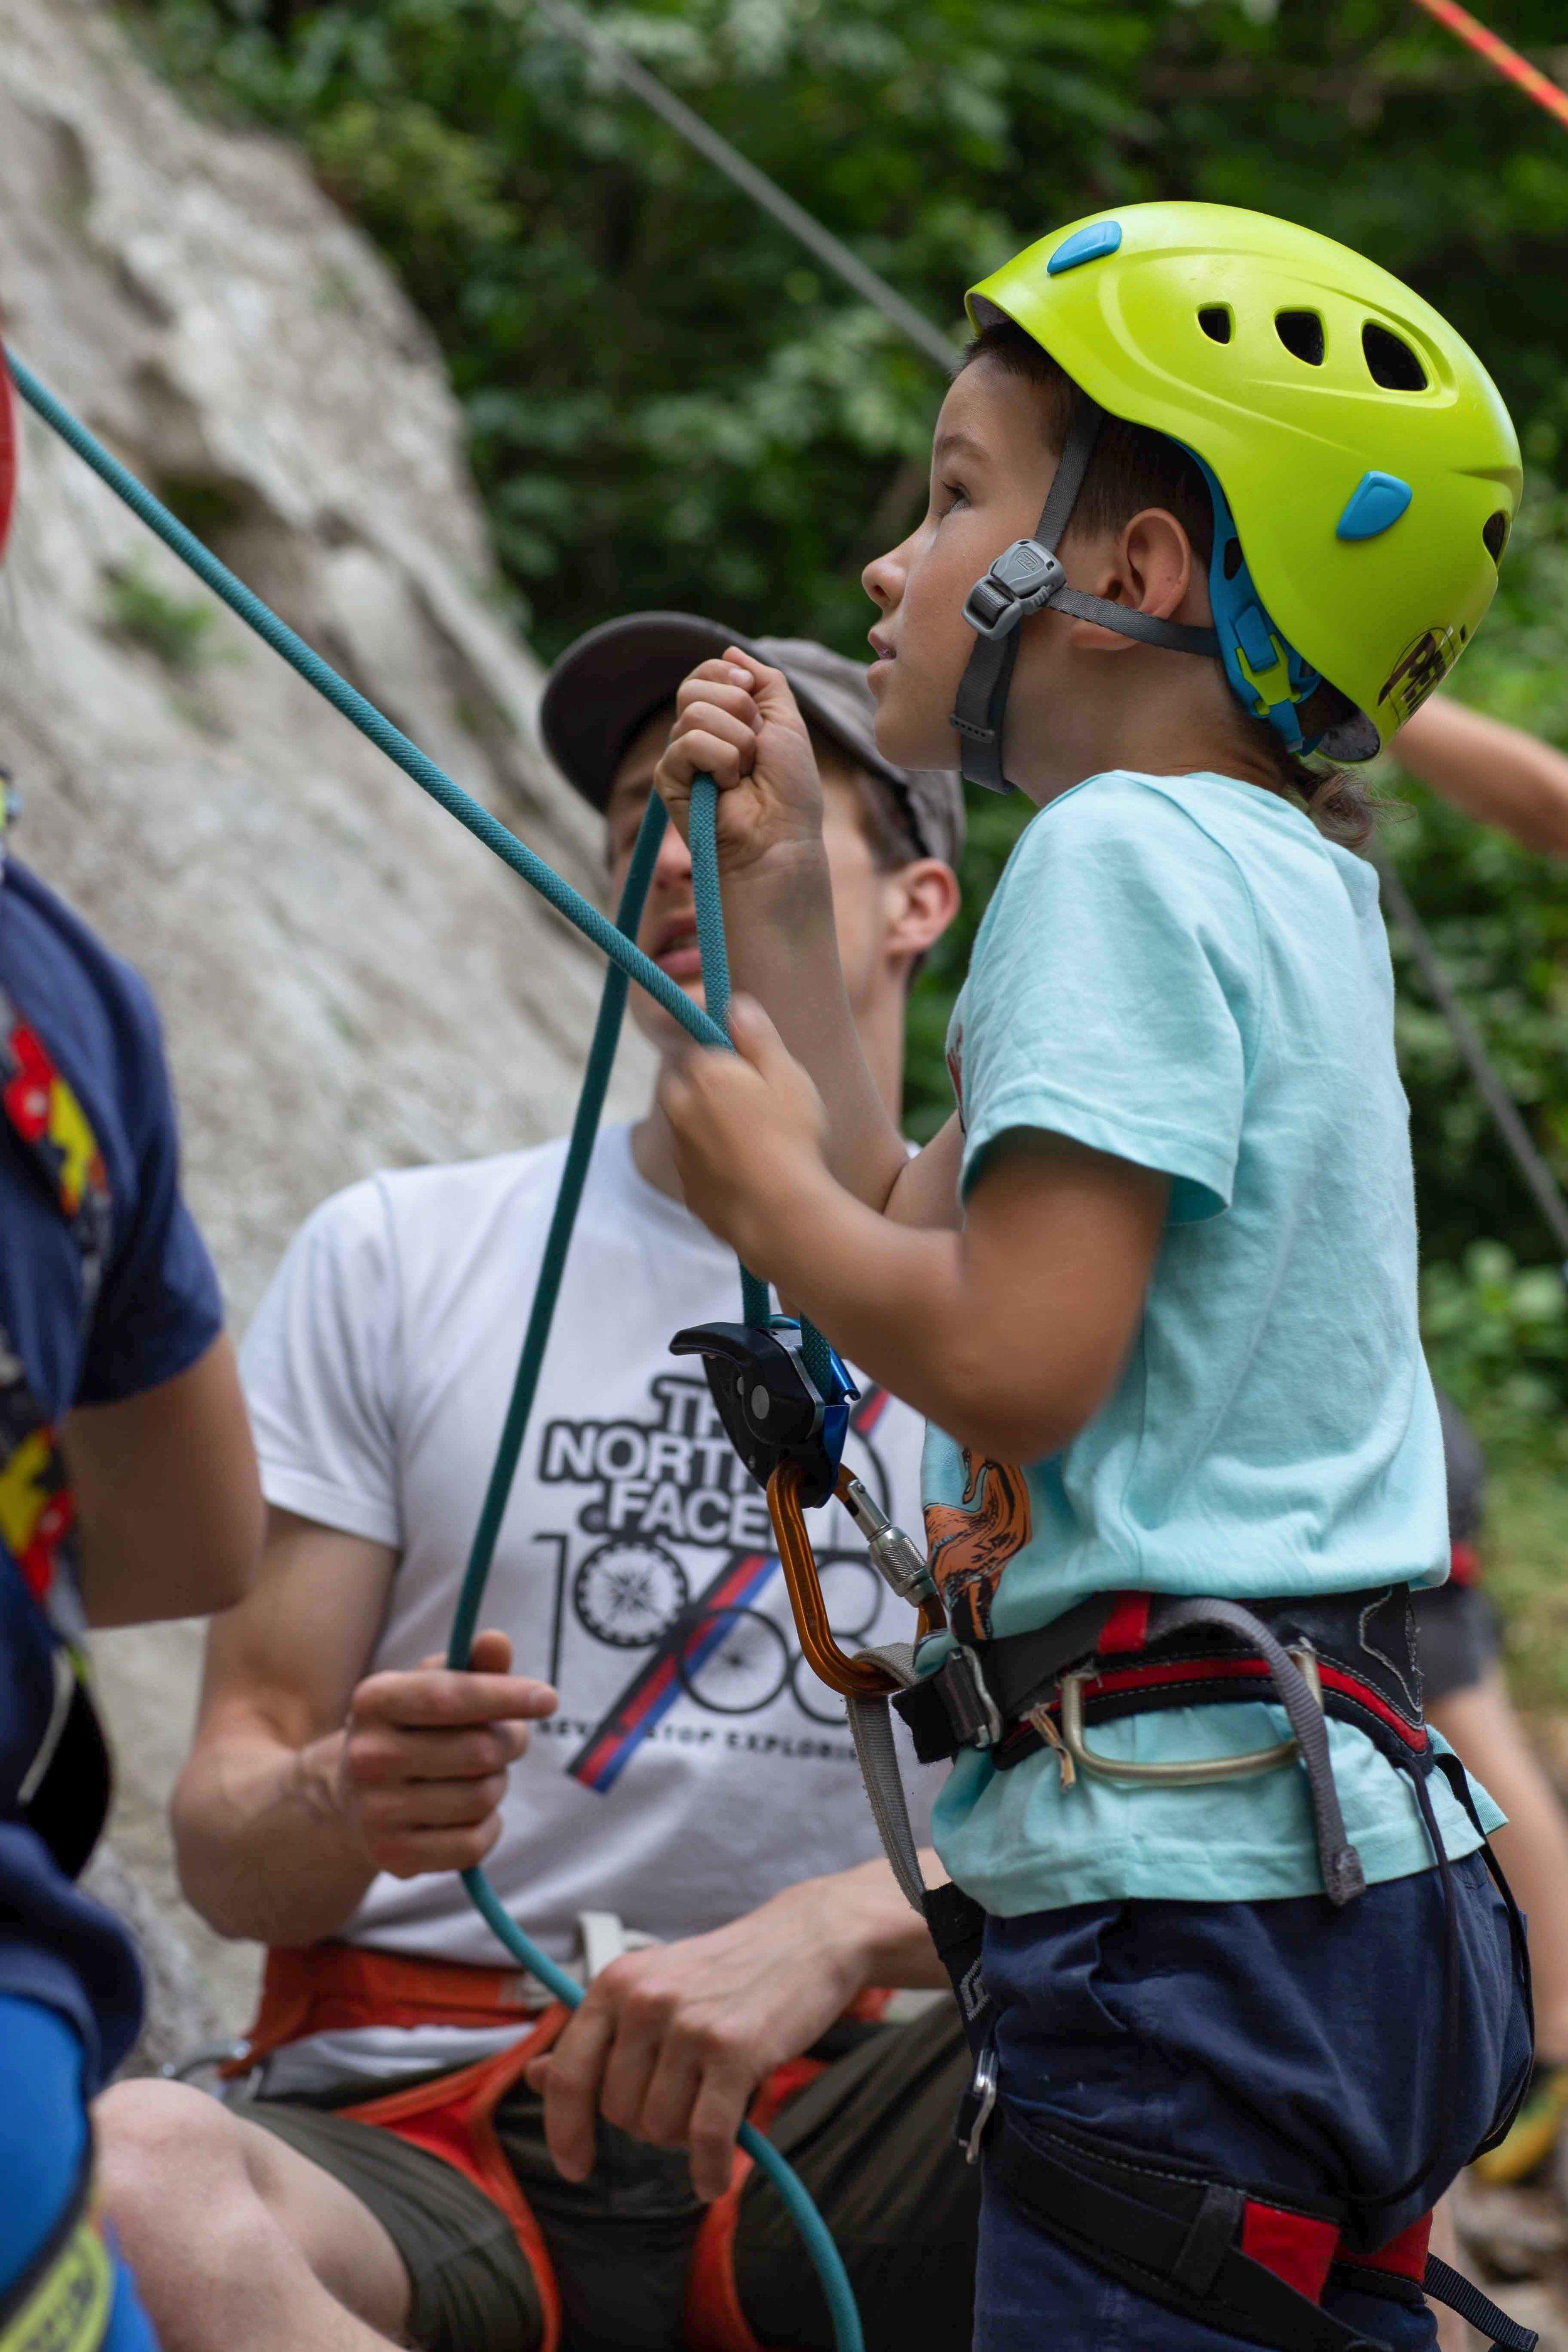 Zaključni plezalni izlet za otroke Grif_92.jpg